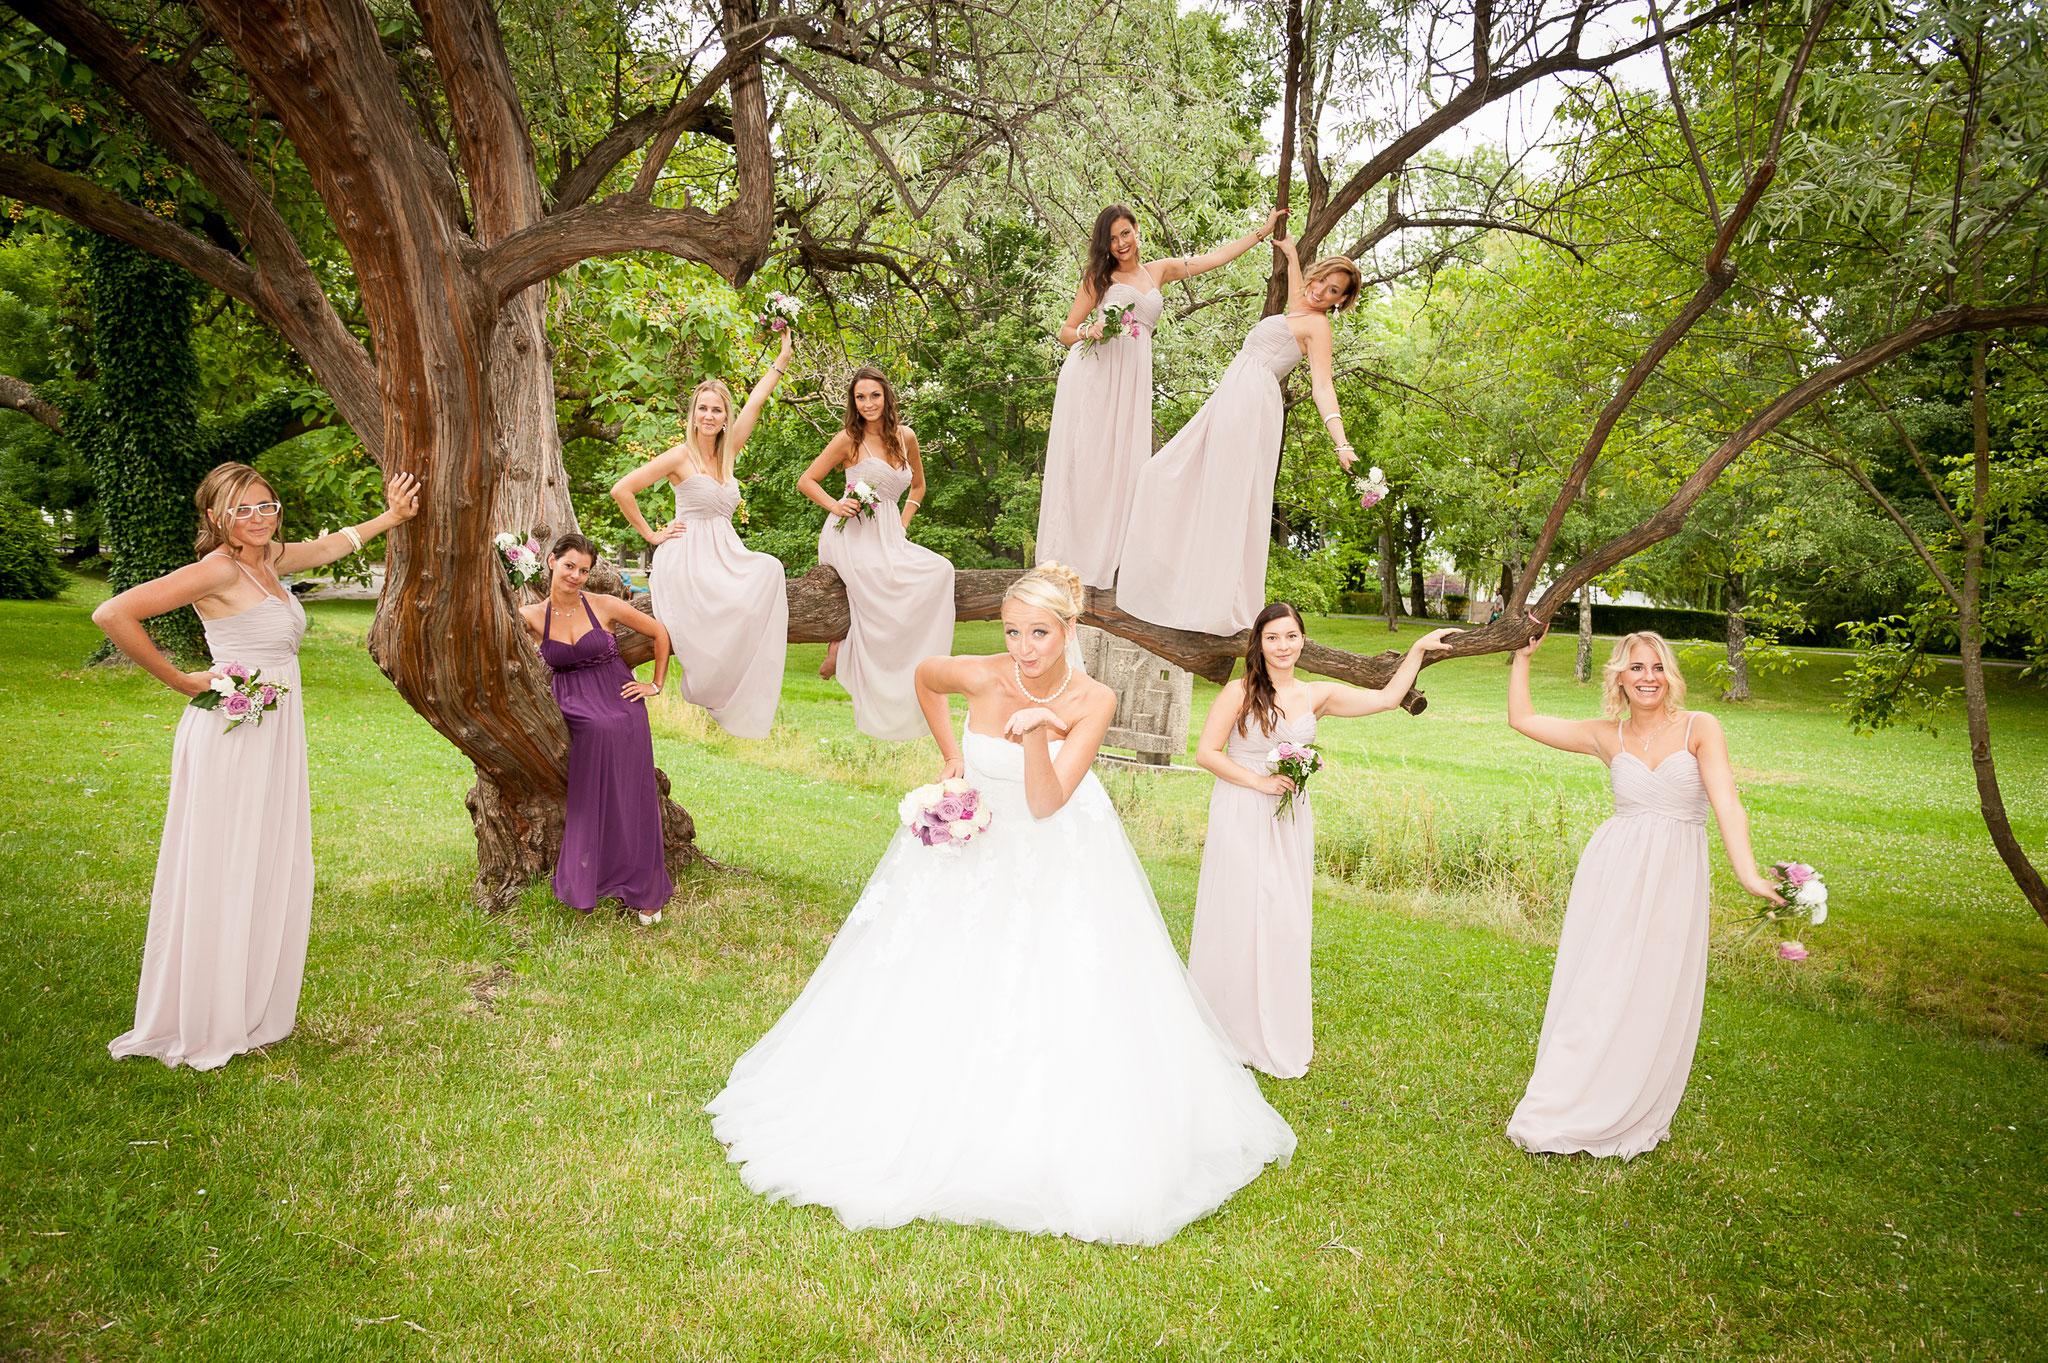 Tolle Fotomotive in der Natur. Braut mit ihren Brautjungfern